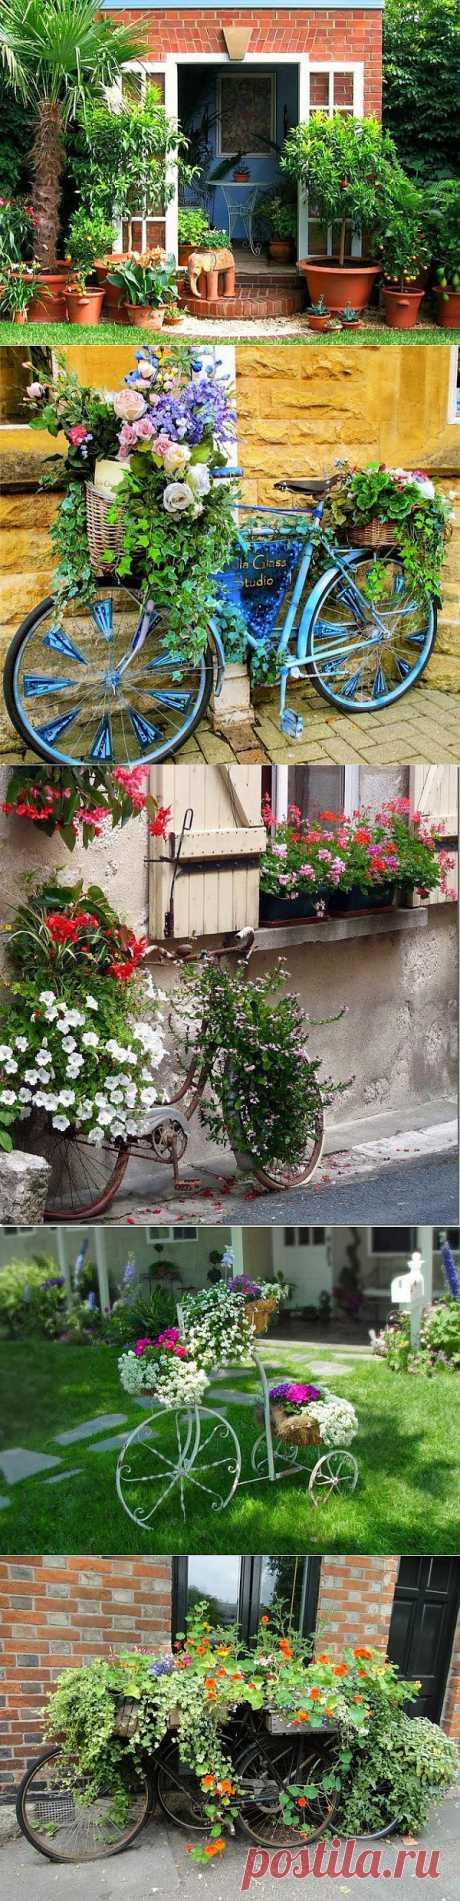 Идеи для оформления вашего дворика.